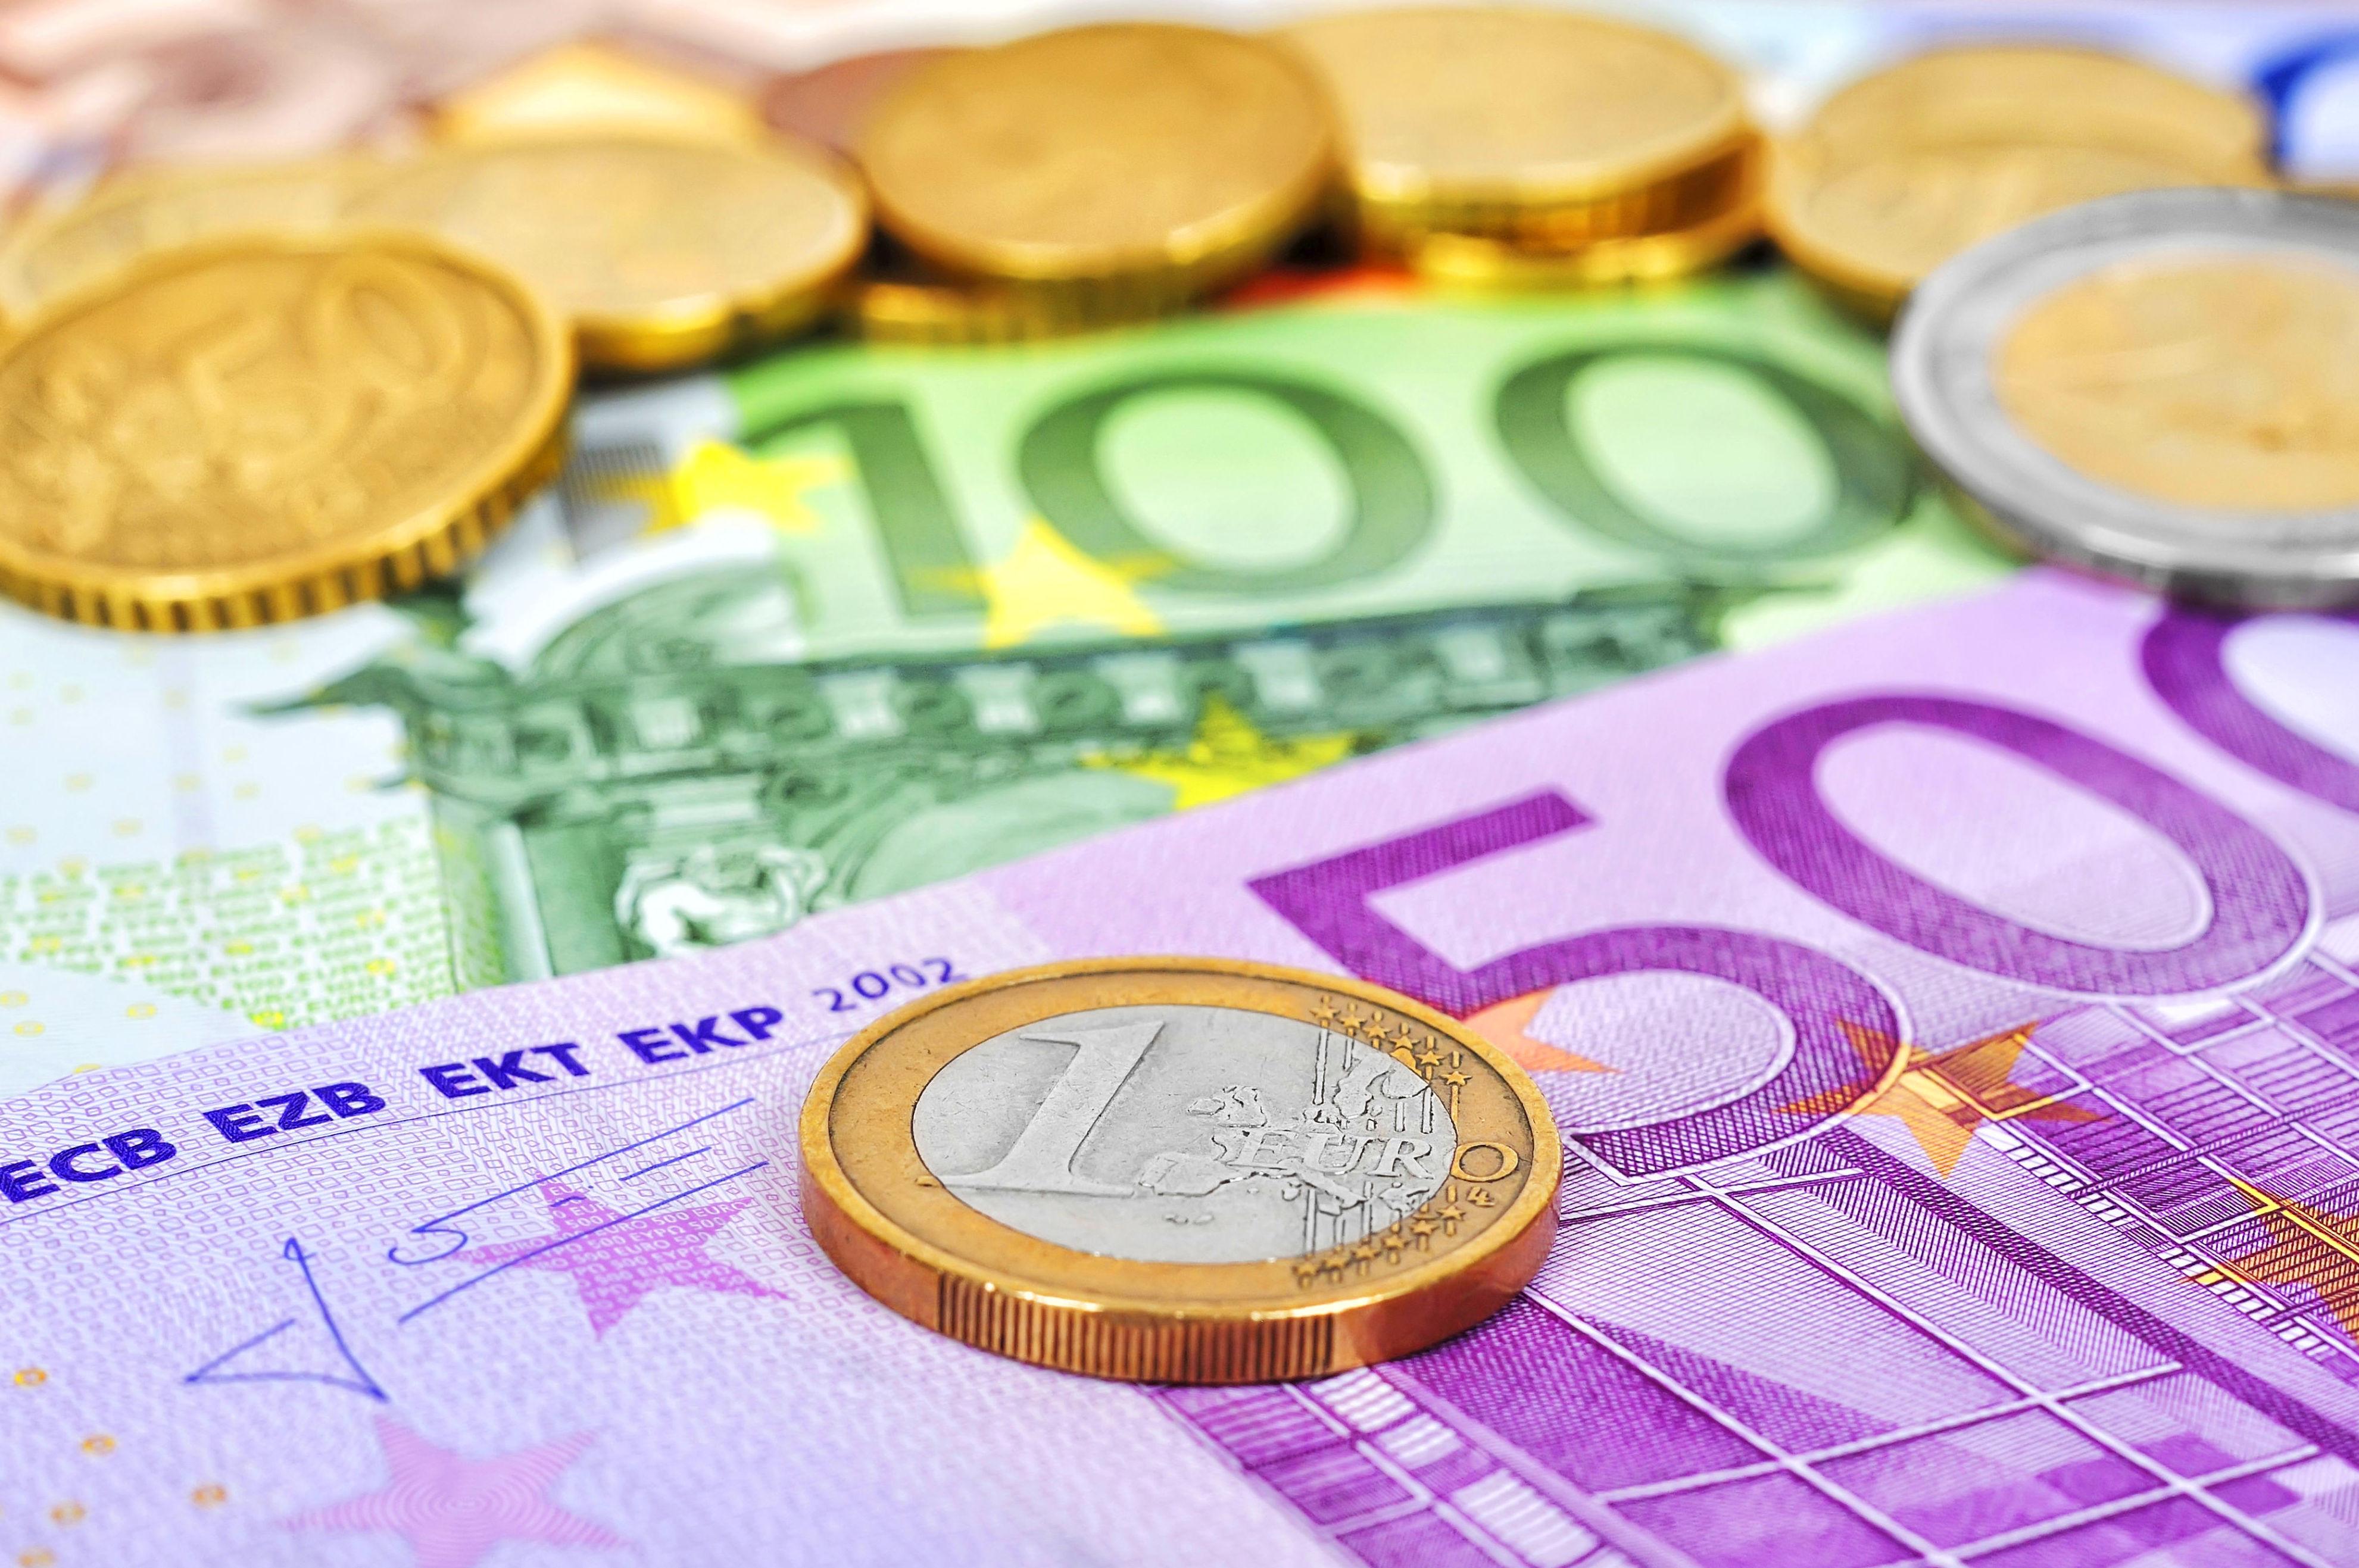 Préstamo hipotecaria Financiación inmediata Dinero urgente Private Credit Valencia